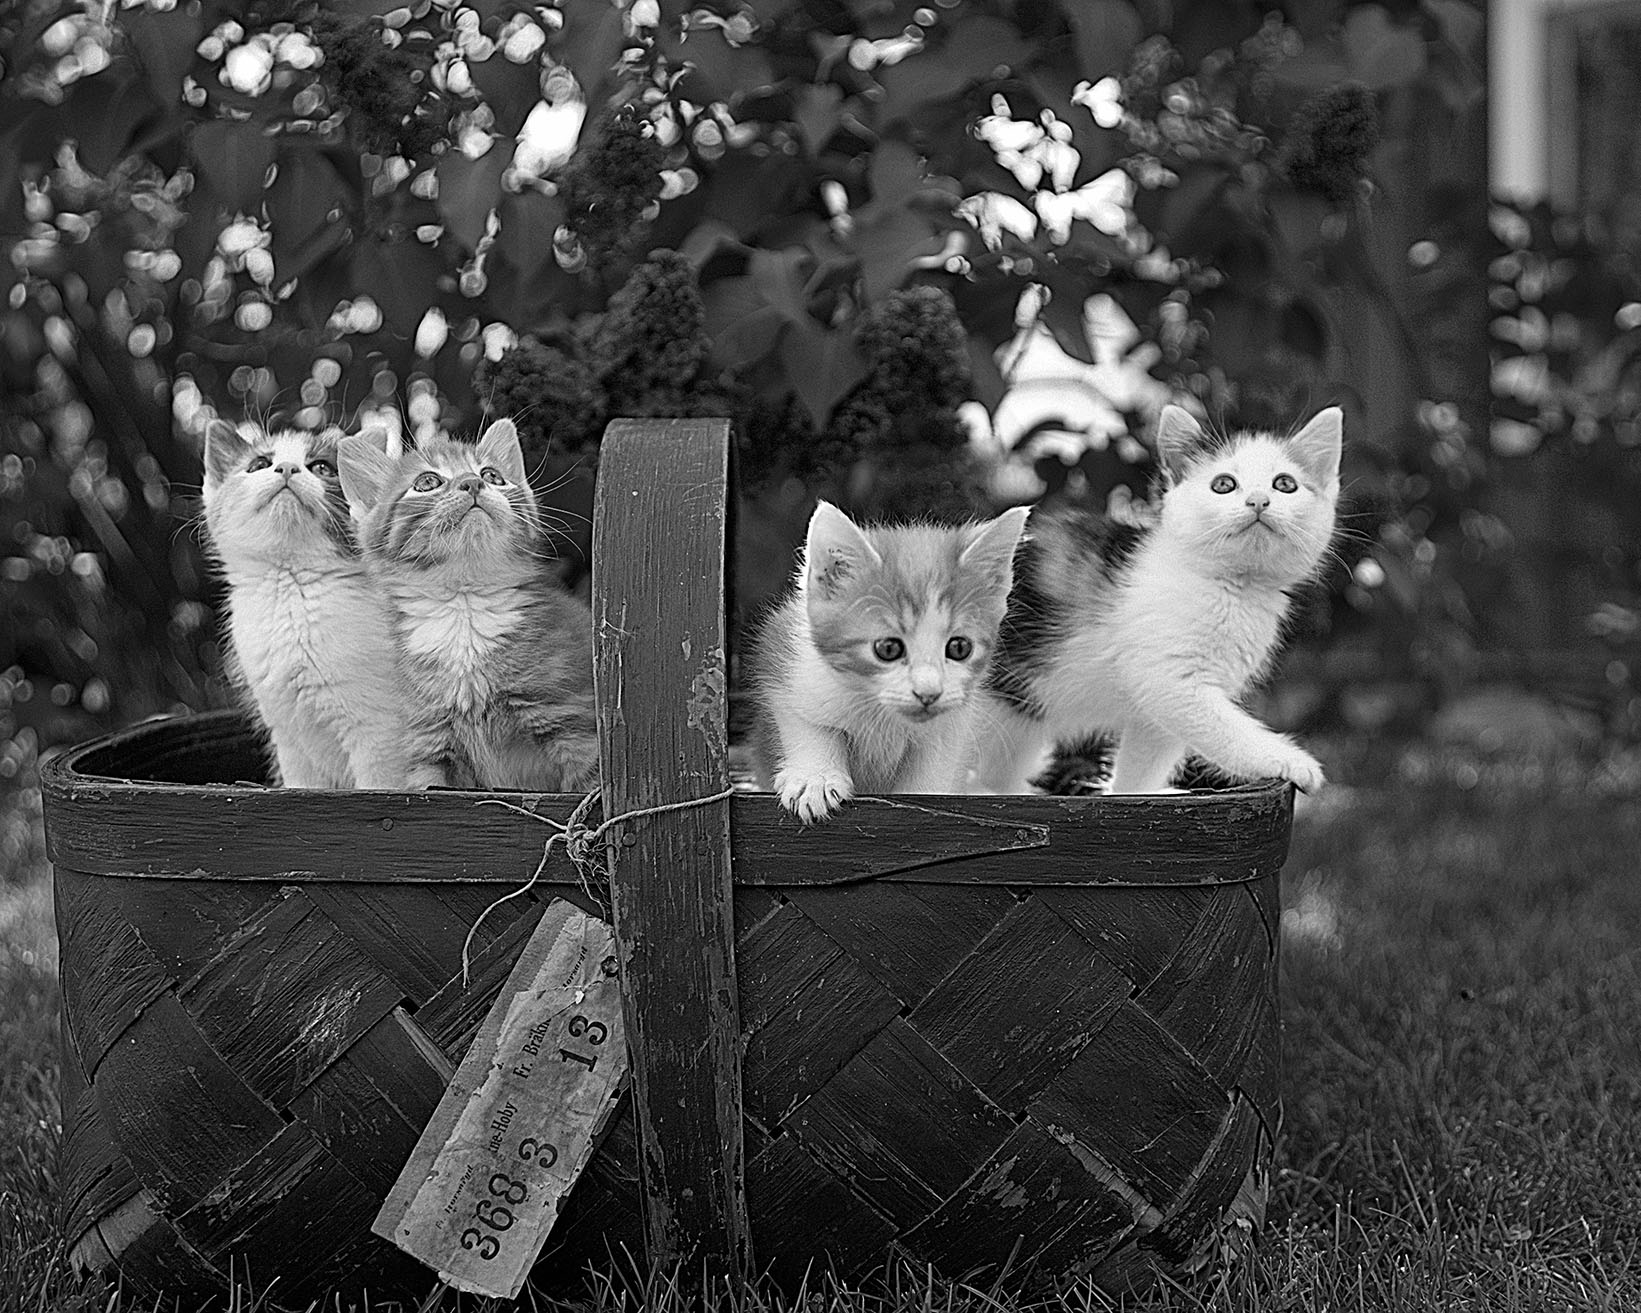 10. quattro gatti bn